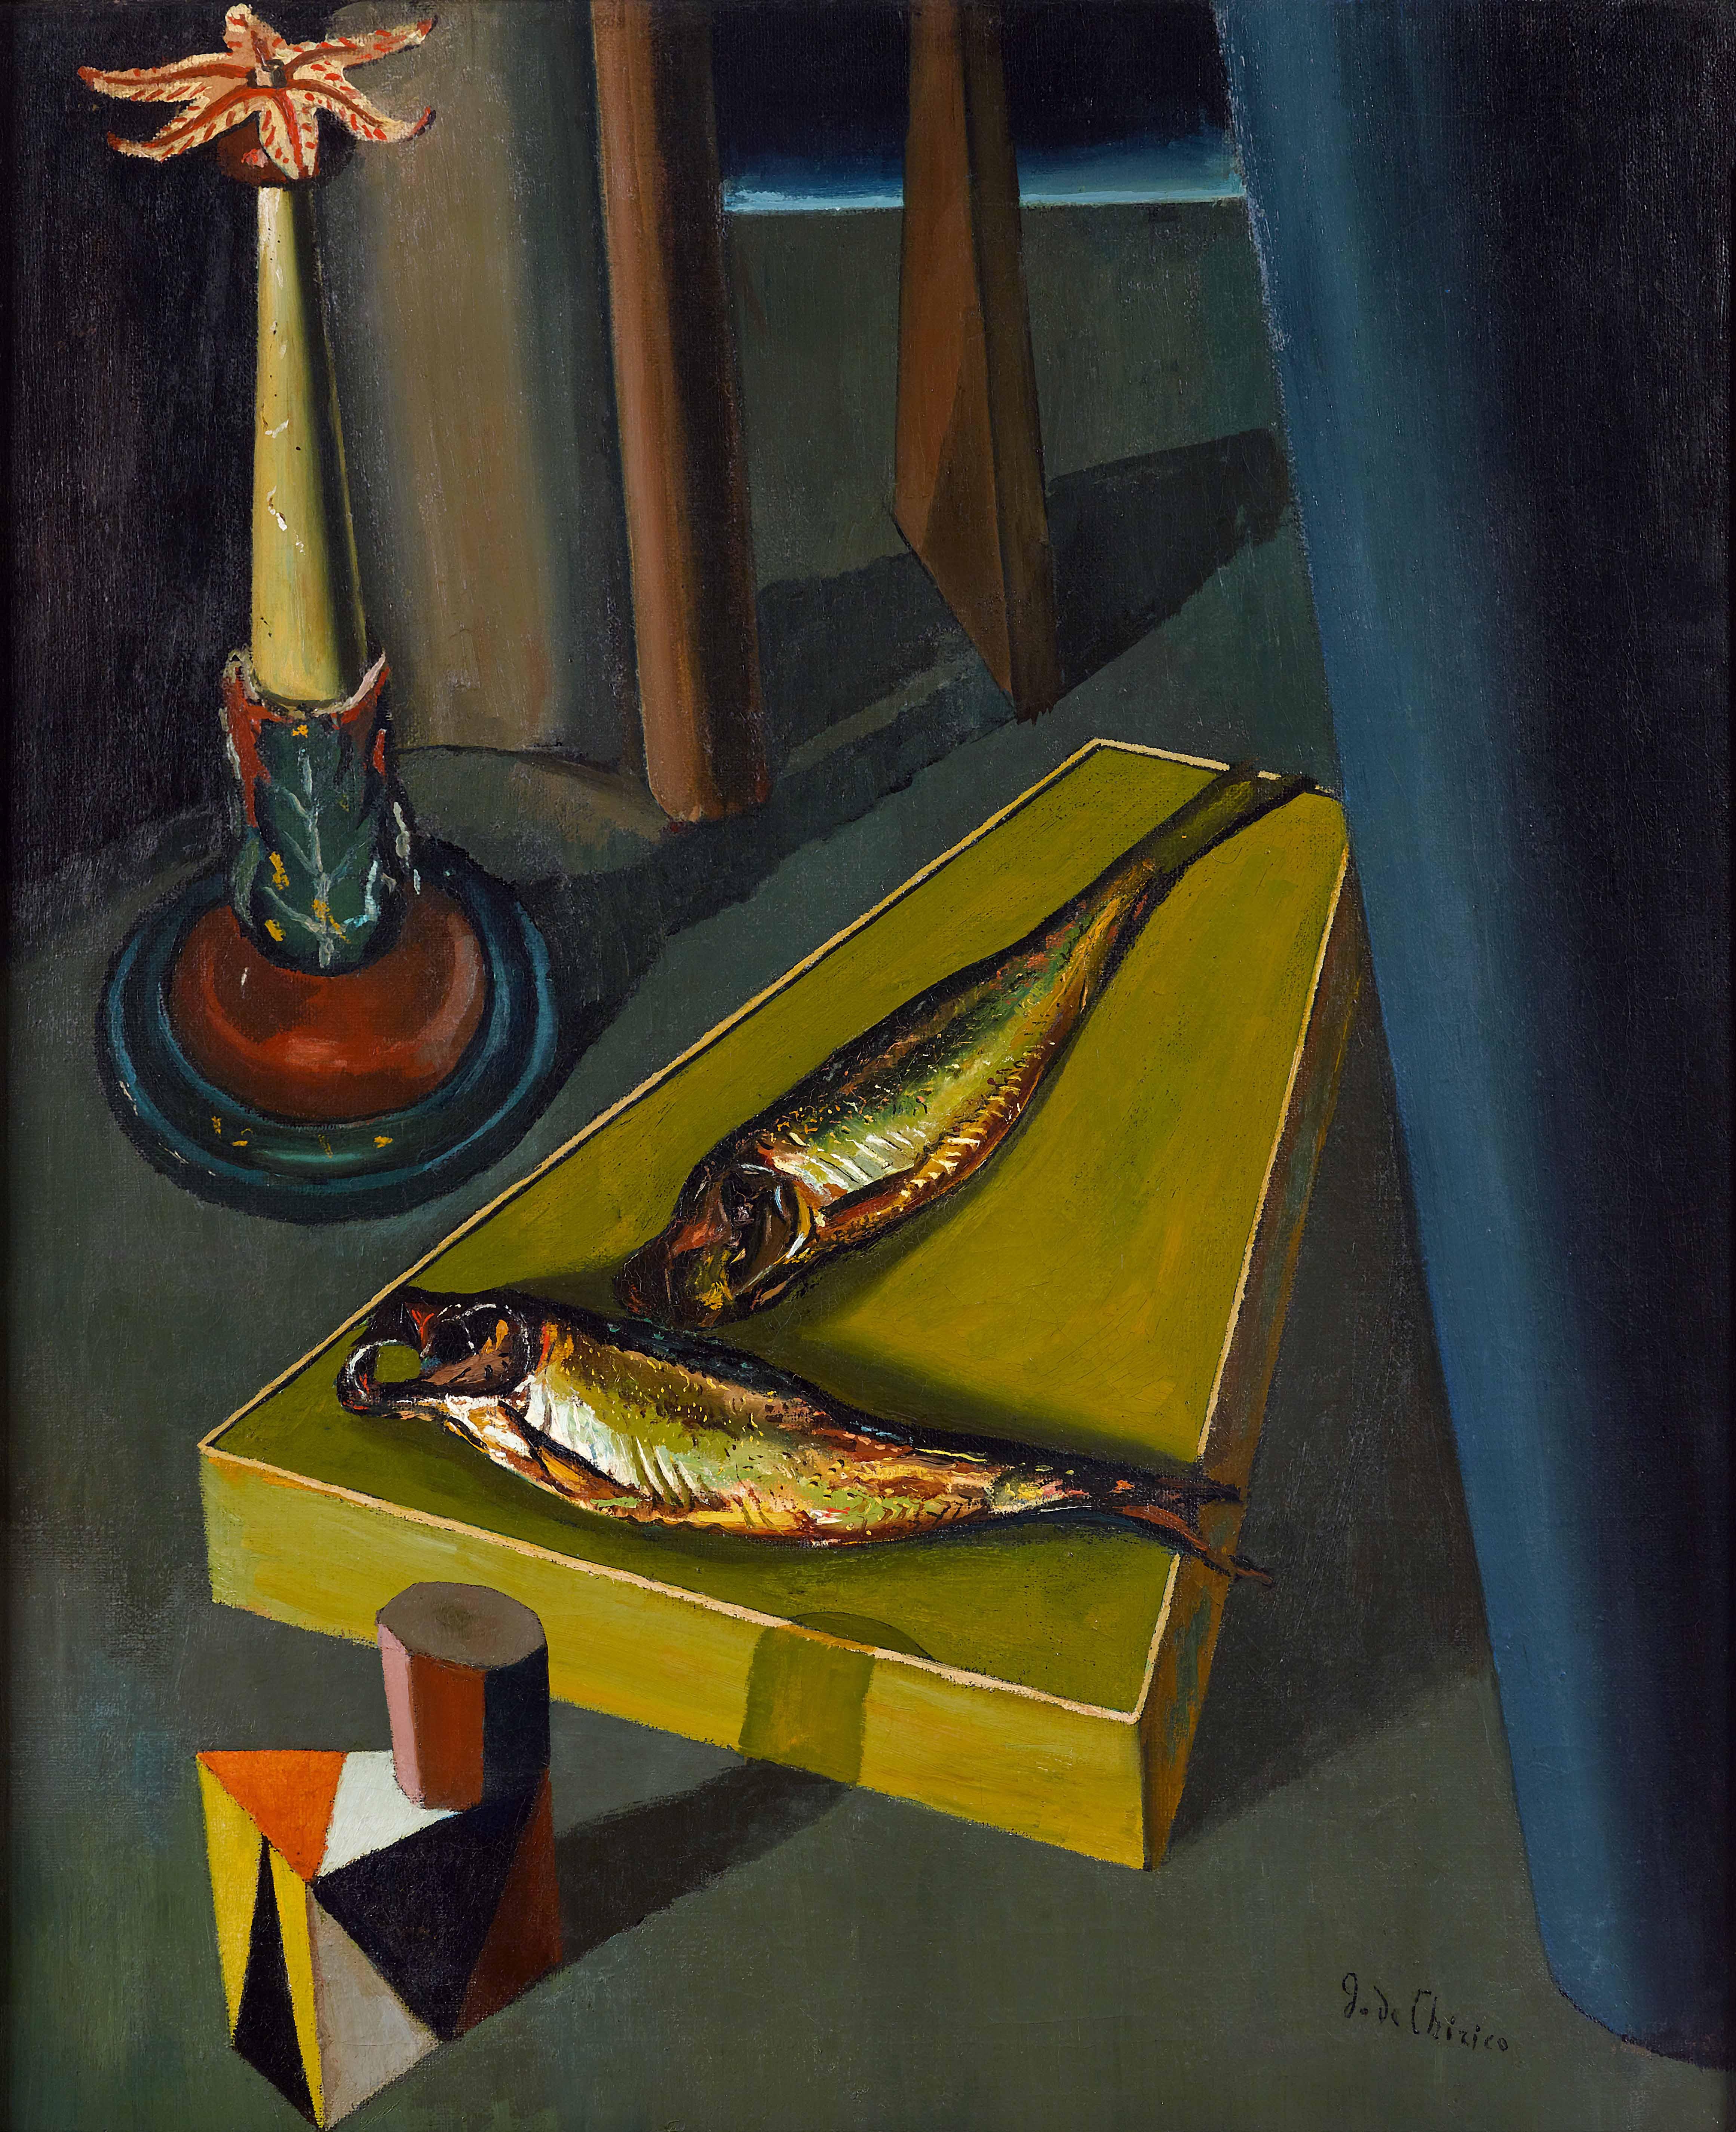 Giorgio de Chirico Die heiligen Fische * I pesci sacri, Dezember 1918 – Januar 1919 Öl auf Leinwand, 75,3 × 62 cm © VG Bild-Kunst, Bonn 2020, Etro Collection  Etro Collection / Manusardi SRL